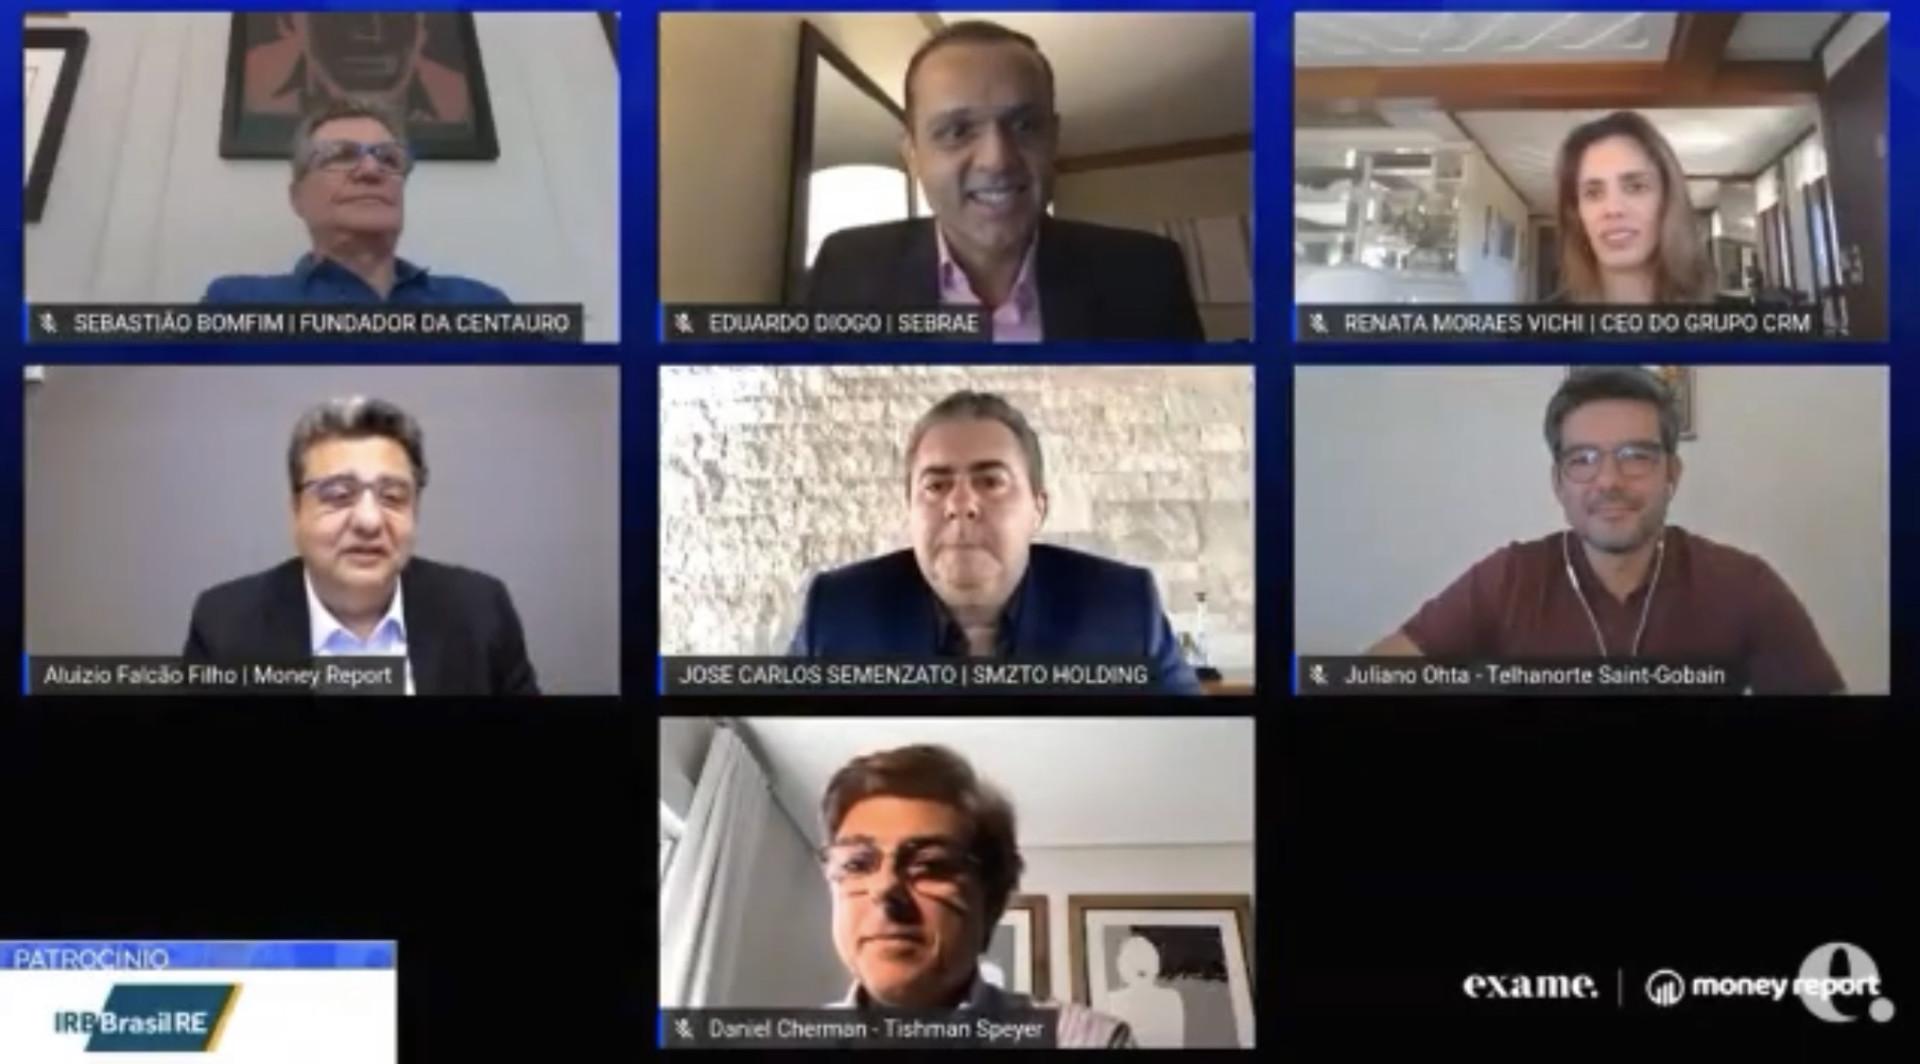 Brasil em reconstrução: negócios e transformação digital